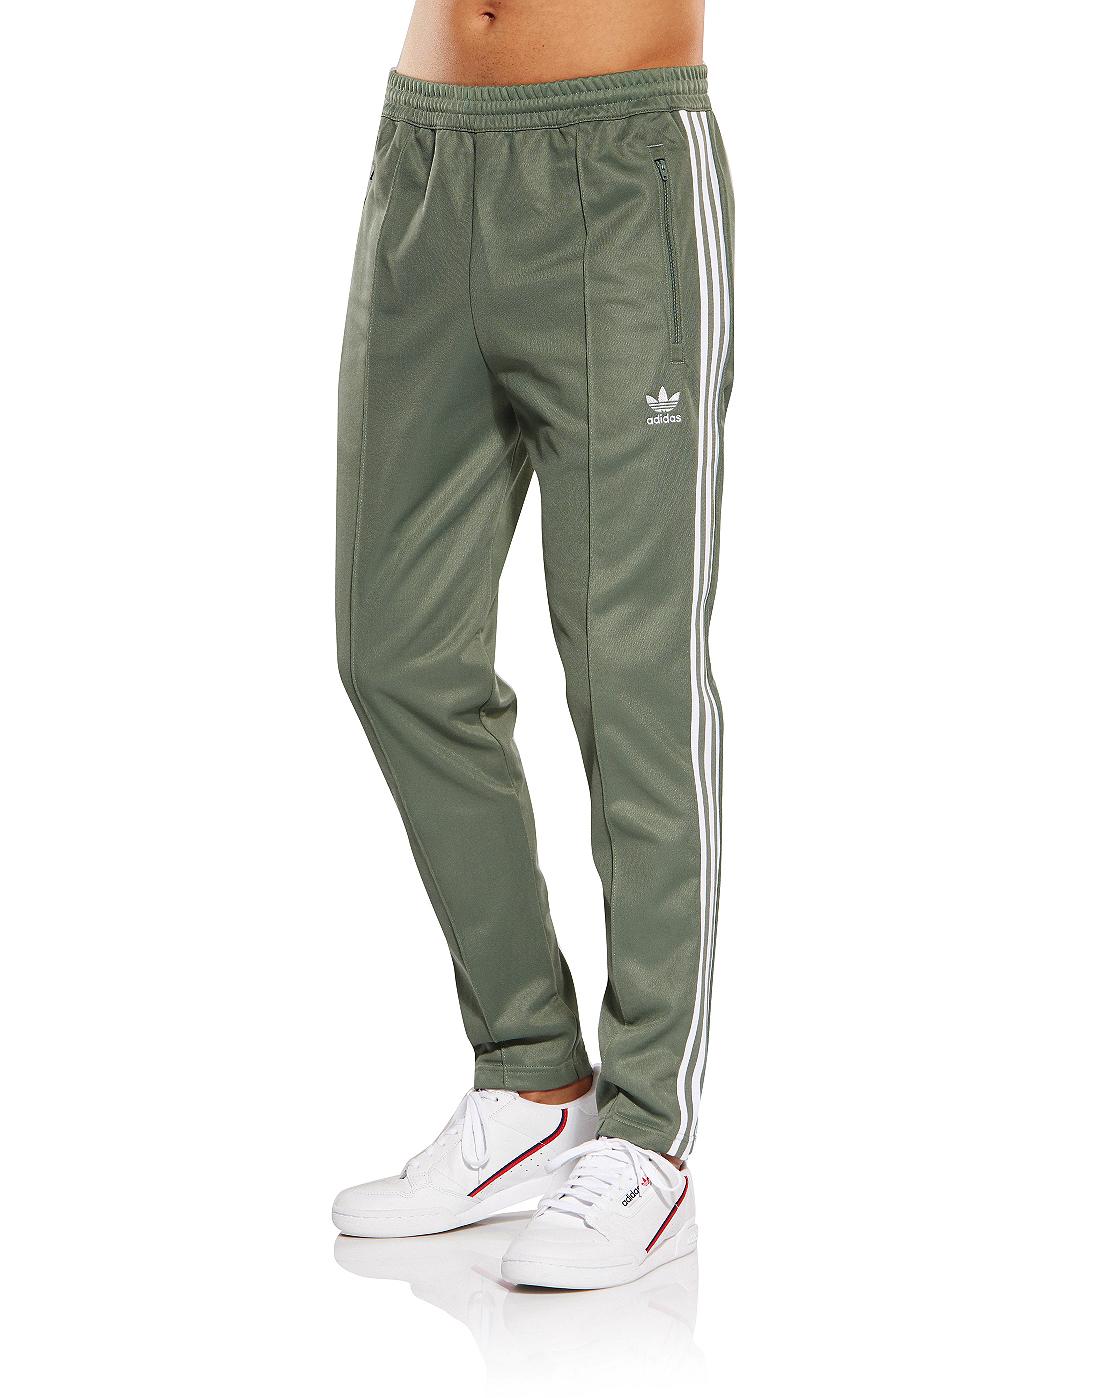 59077e68c2c5e Men's adidas Originals Beckenbauer Track Pants | Life Style Sports